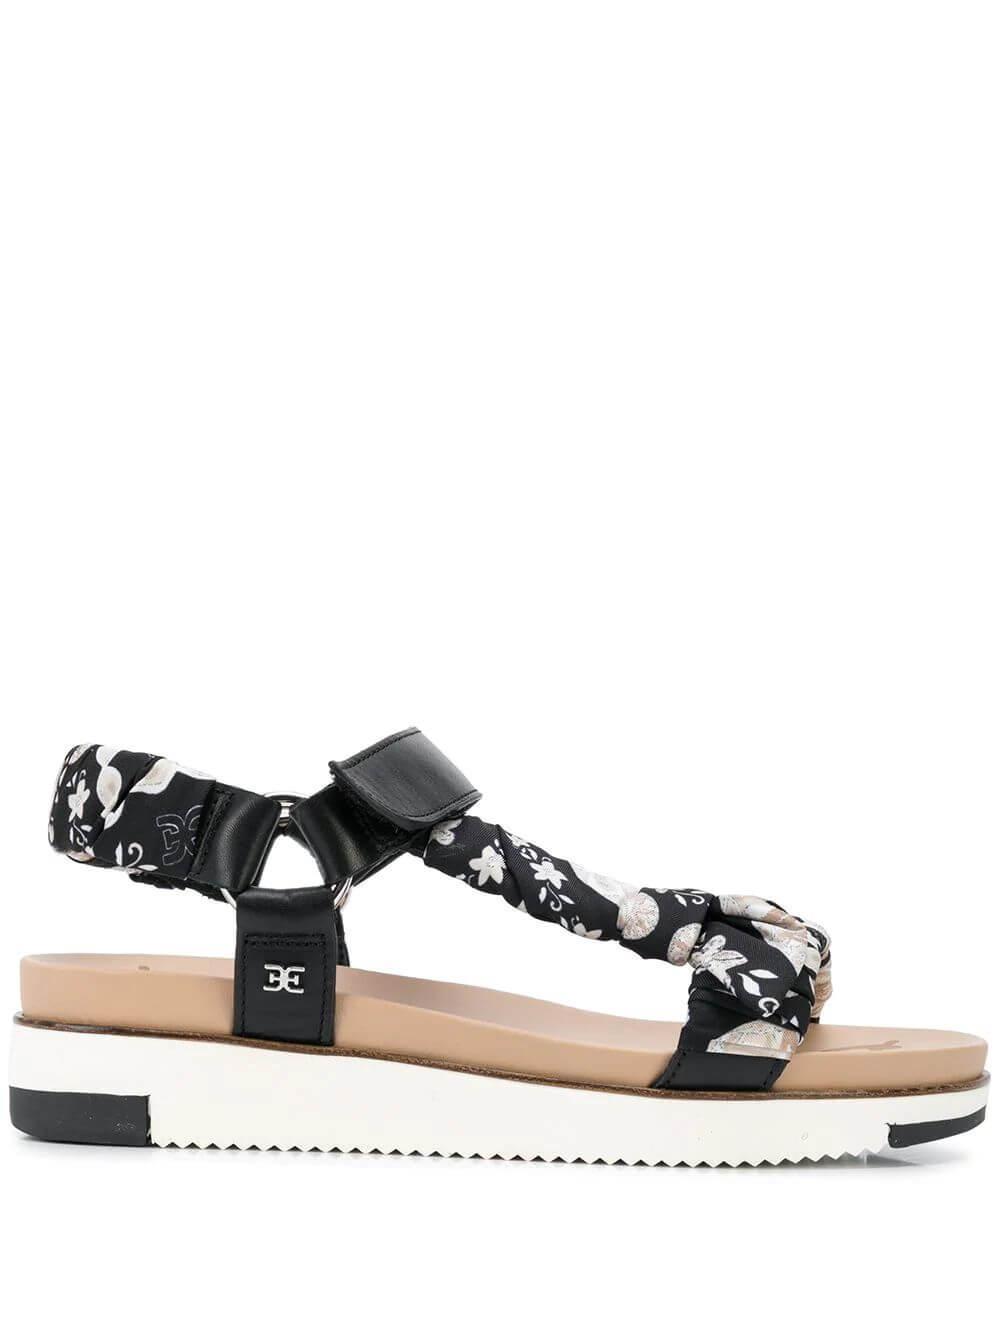 Ashie Platform Sandal Item # ASHIE